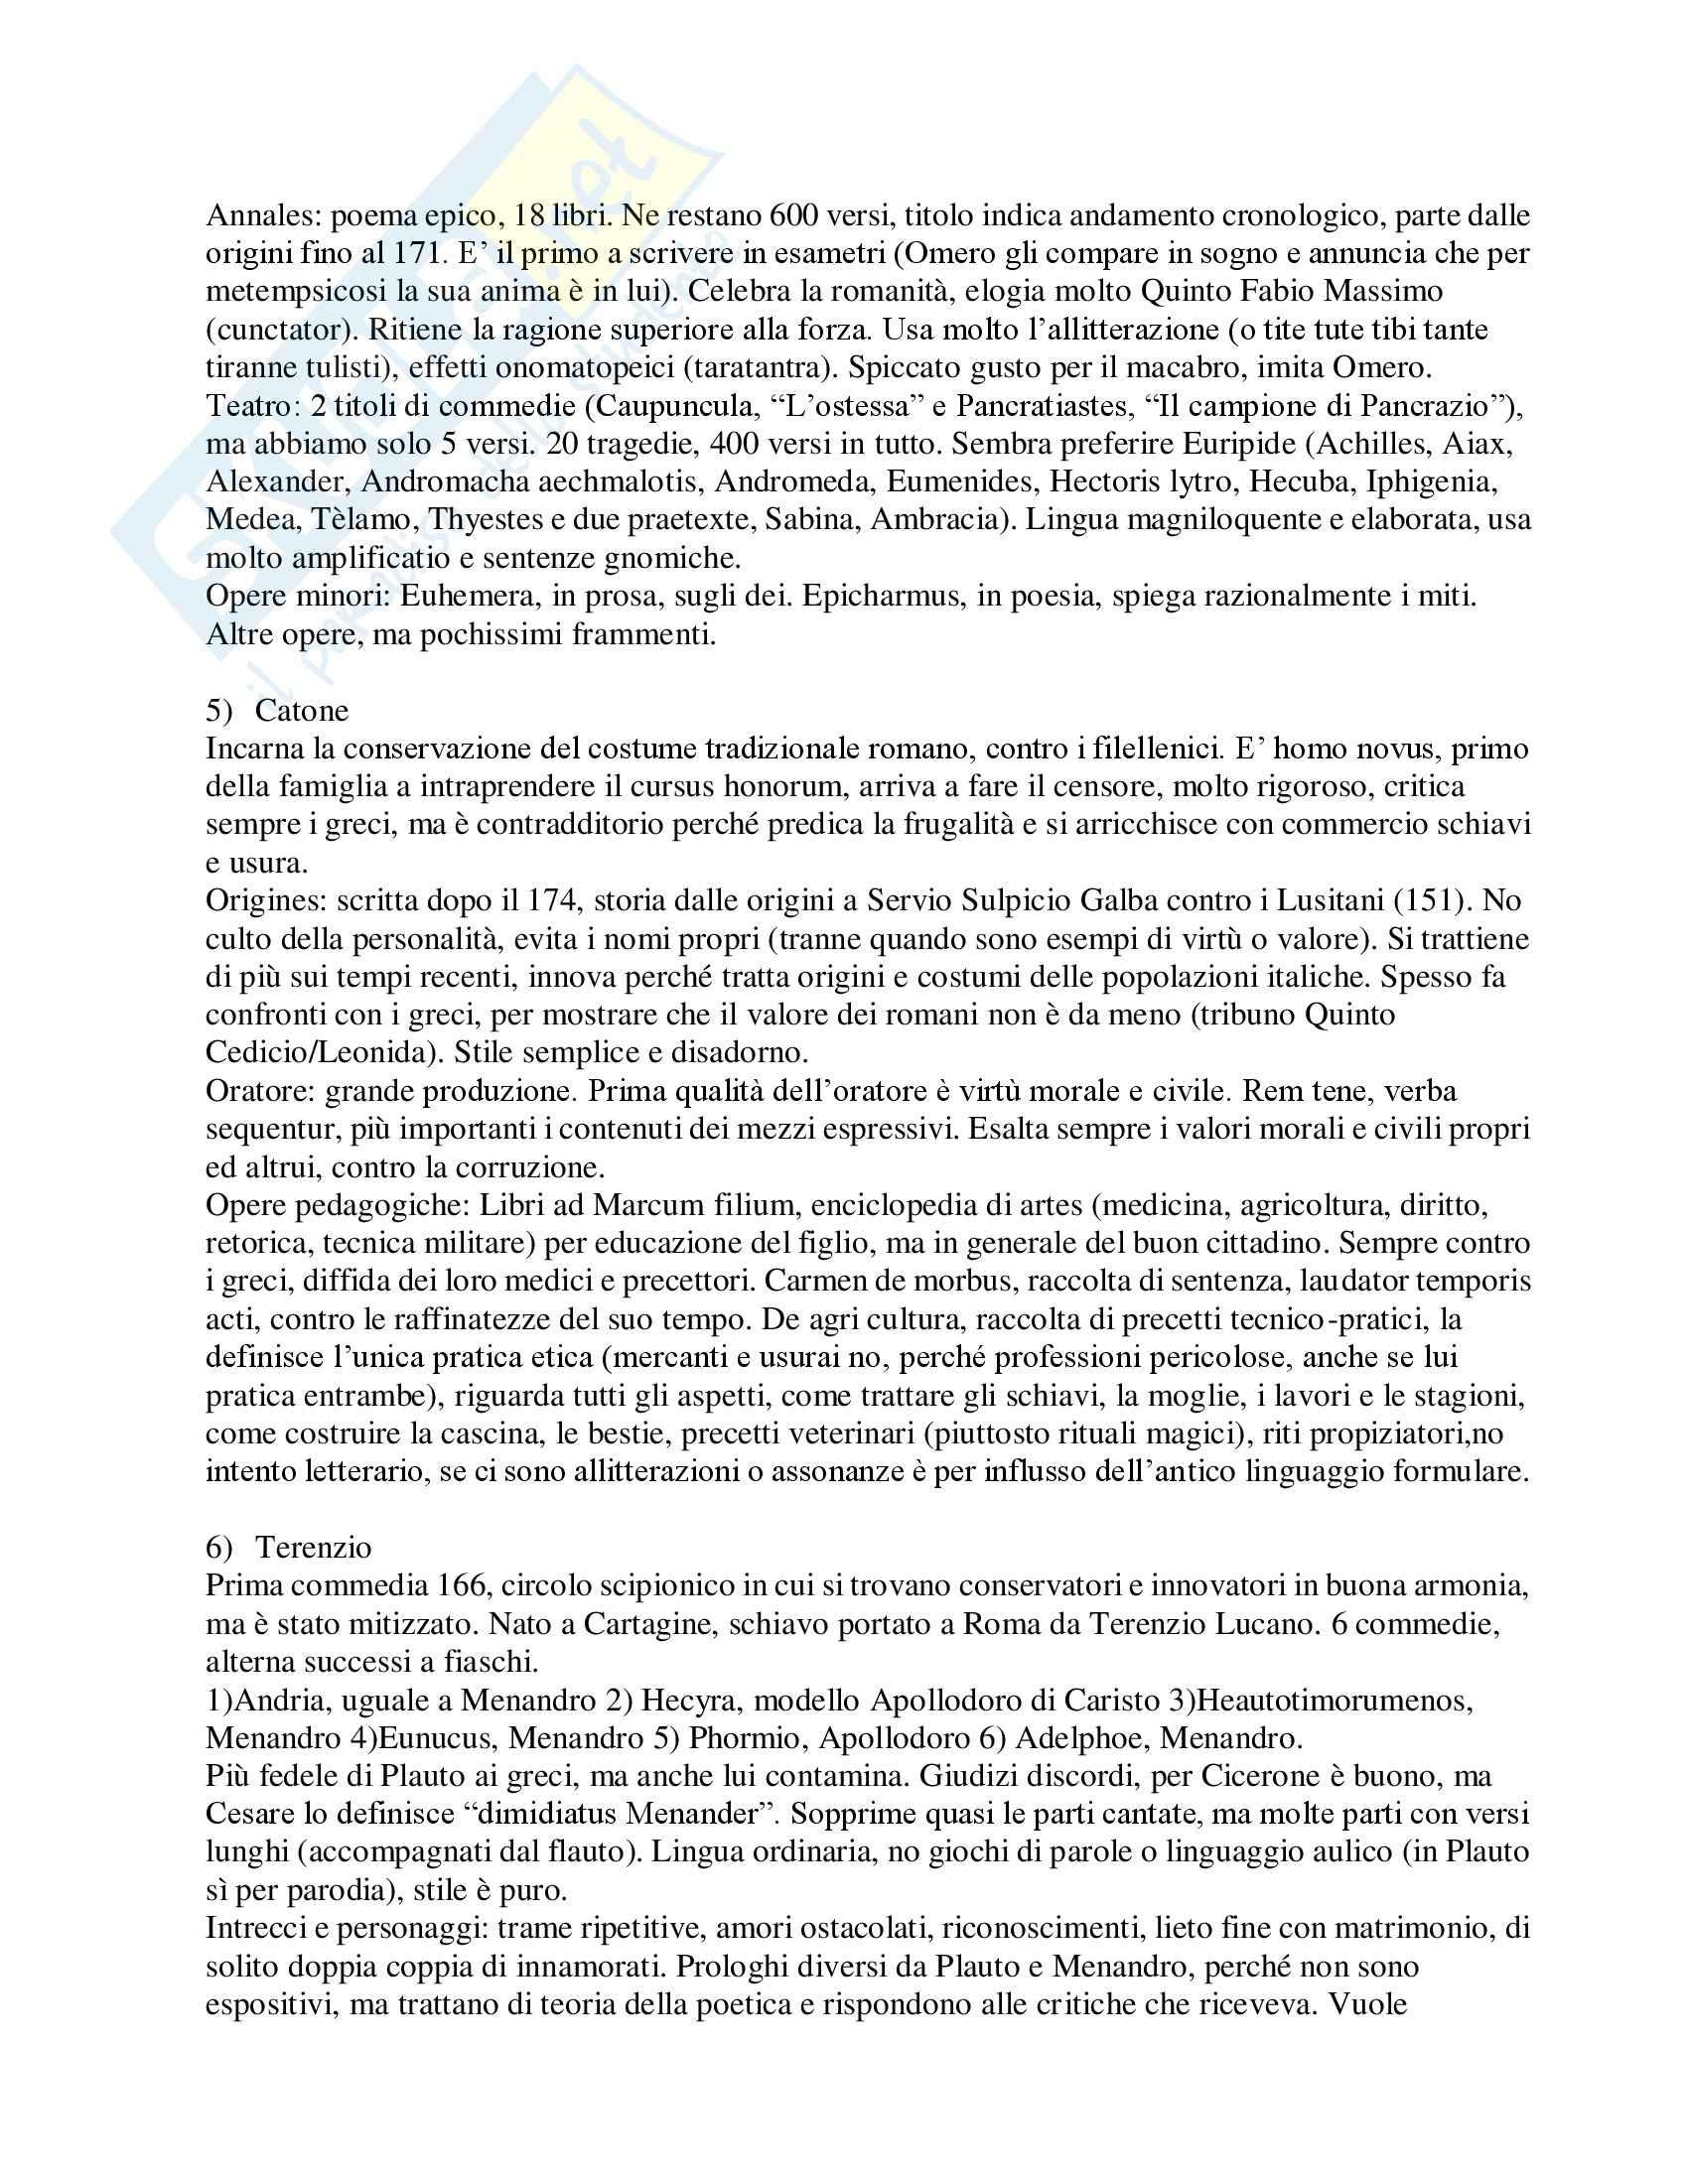 Letteratura latina - Schemi Pag. 2